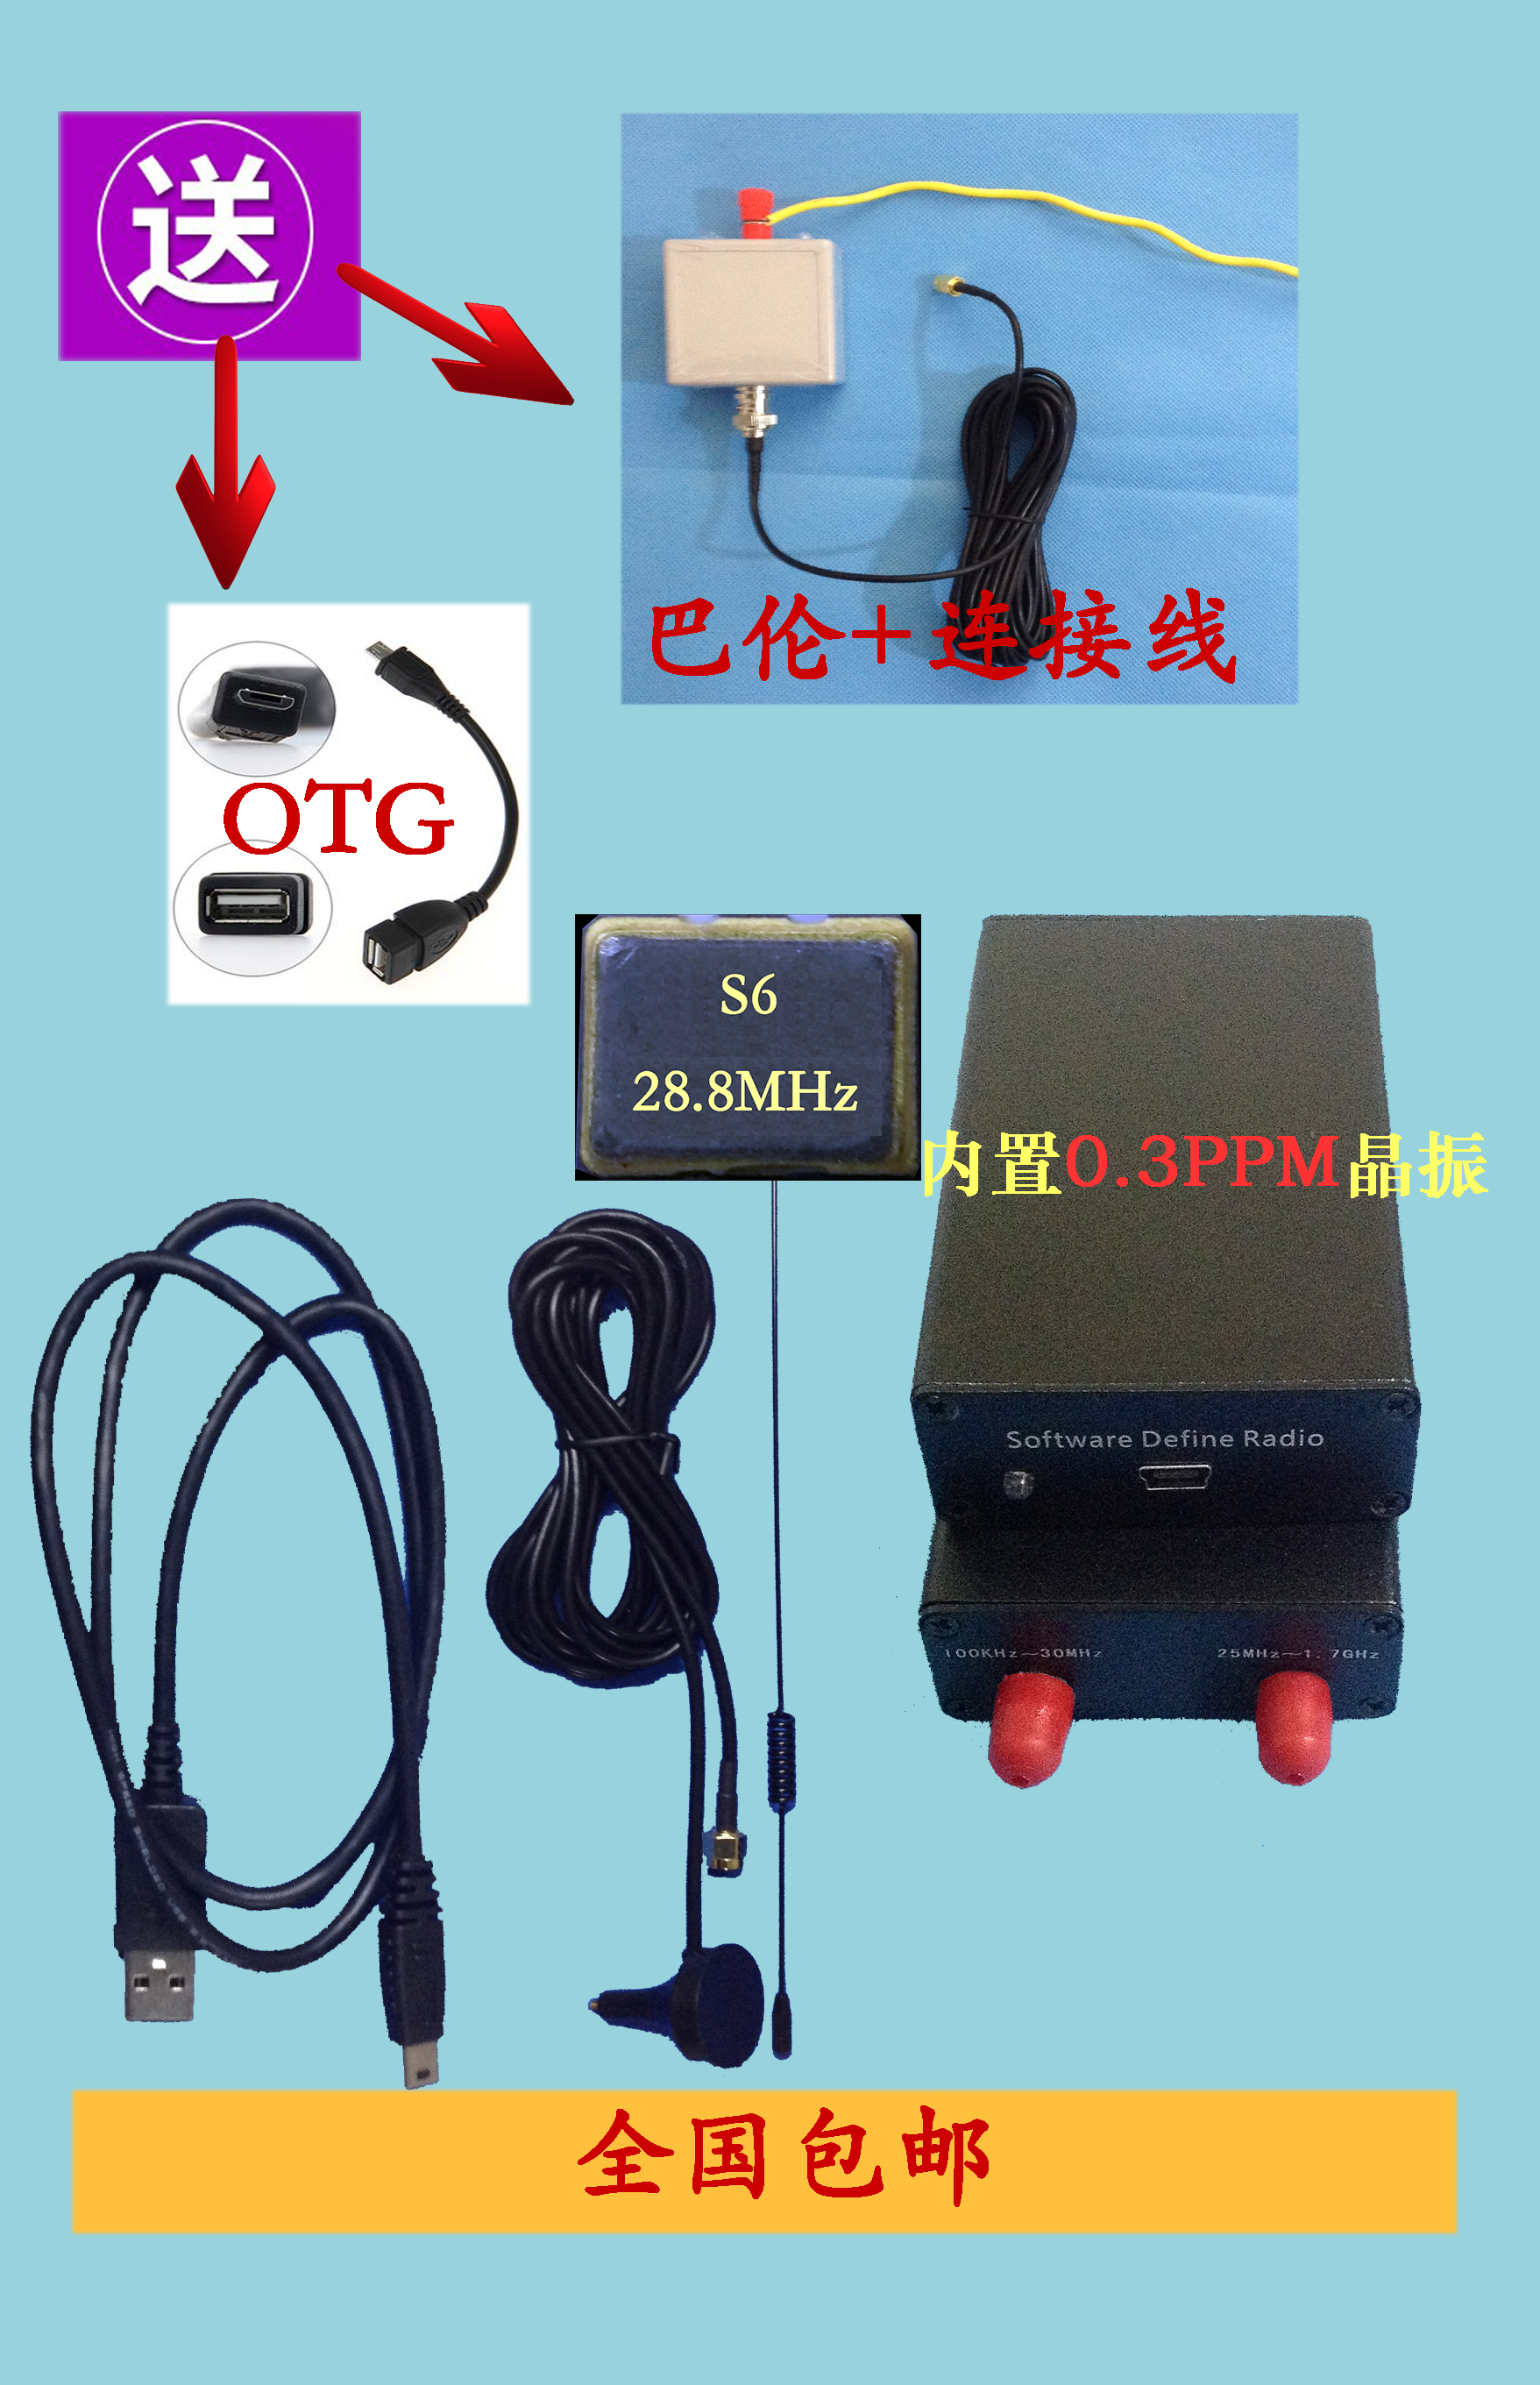 Новый 100KHz-1.7GHz программное обеспечение беспроводной электричество 0.3PPM все волна модель RTL-SDR приемник